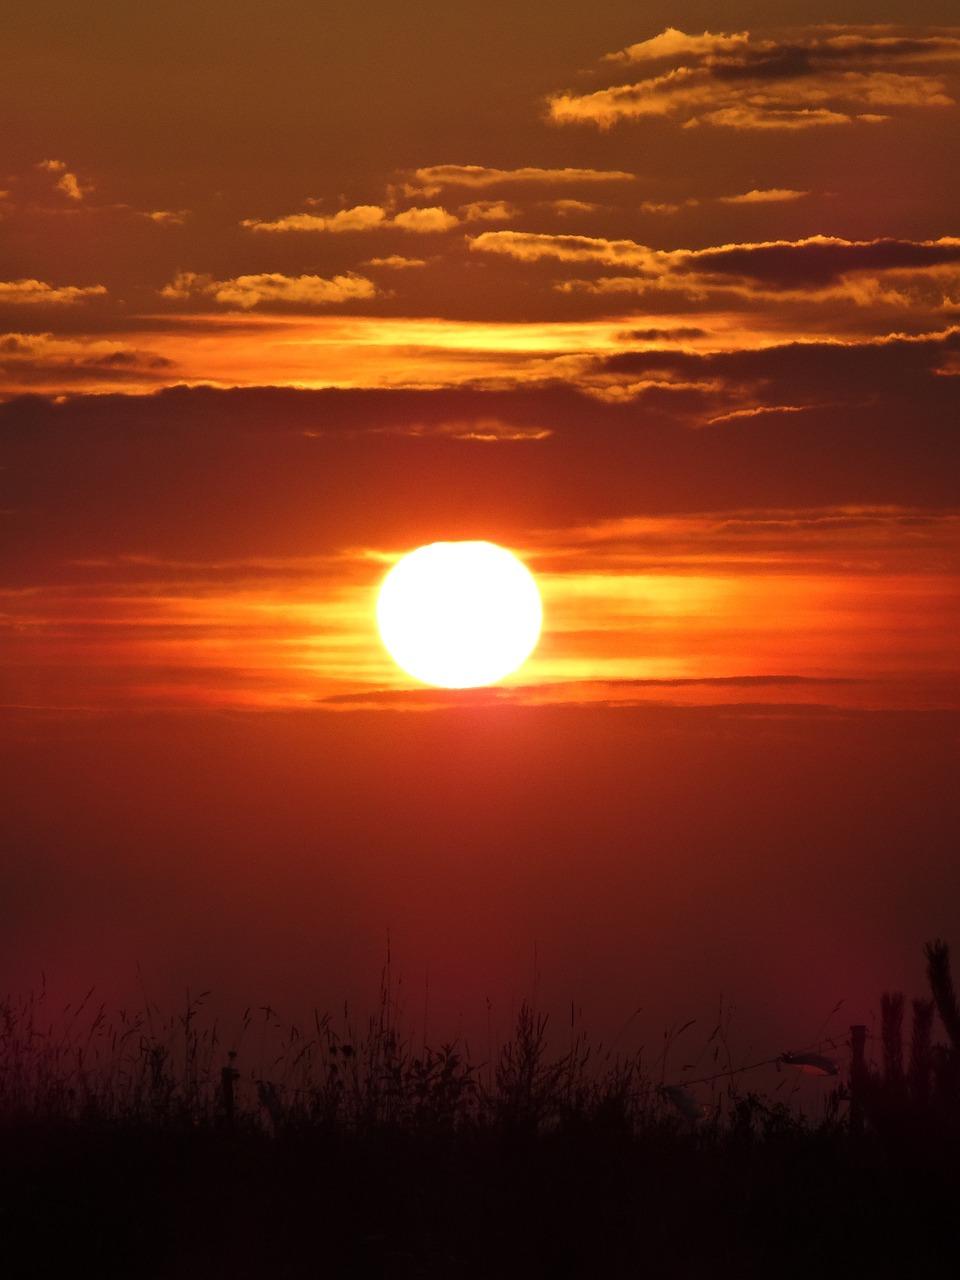 фото восхода и заката солнца зафиксирует